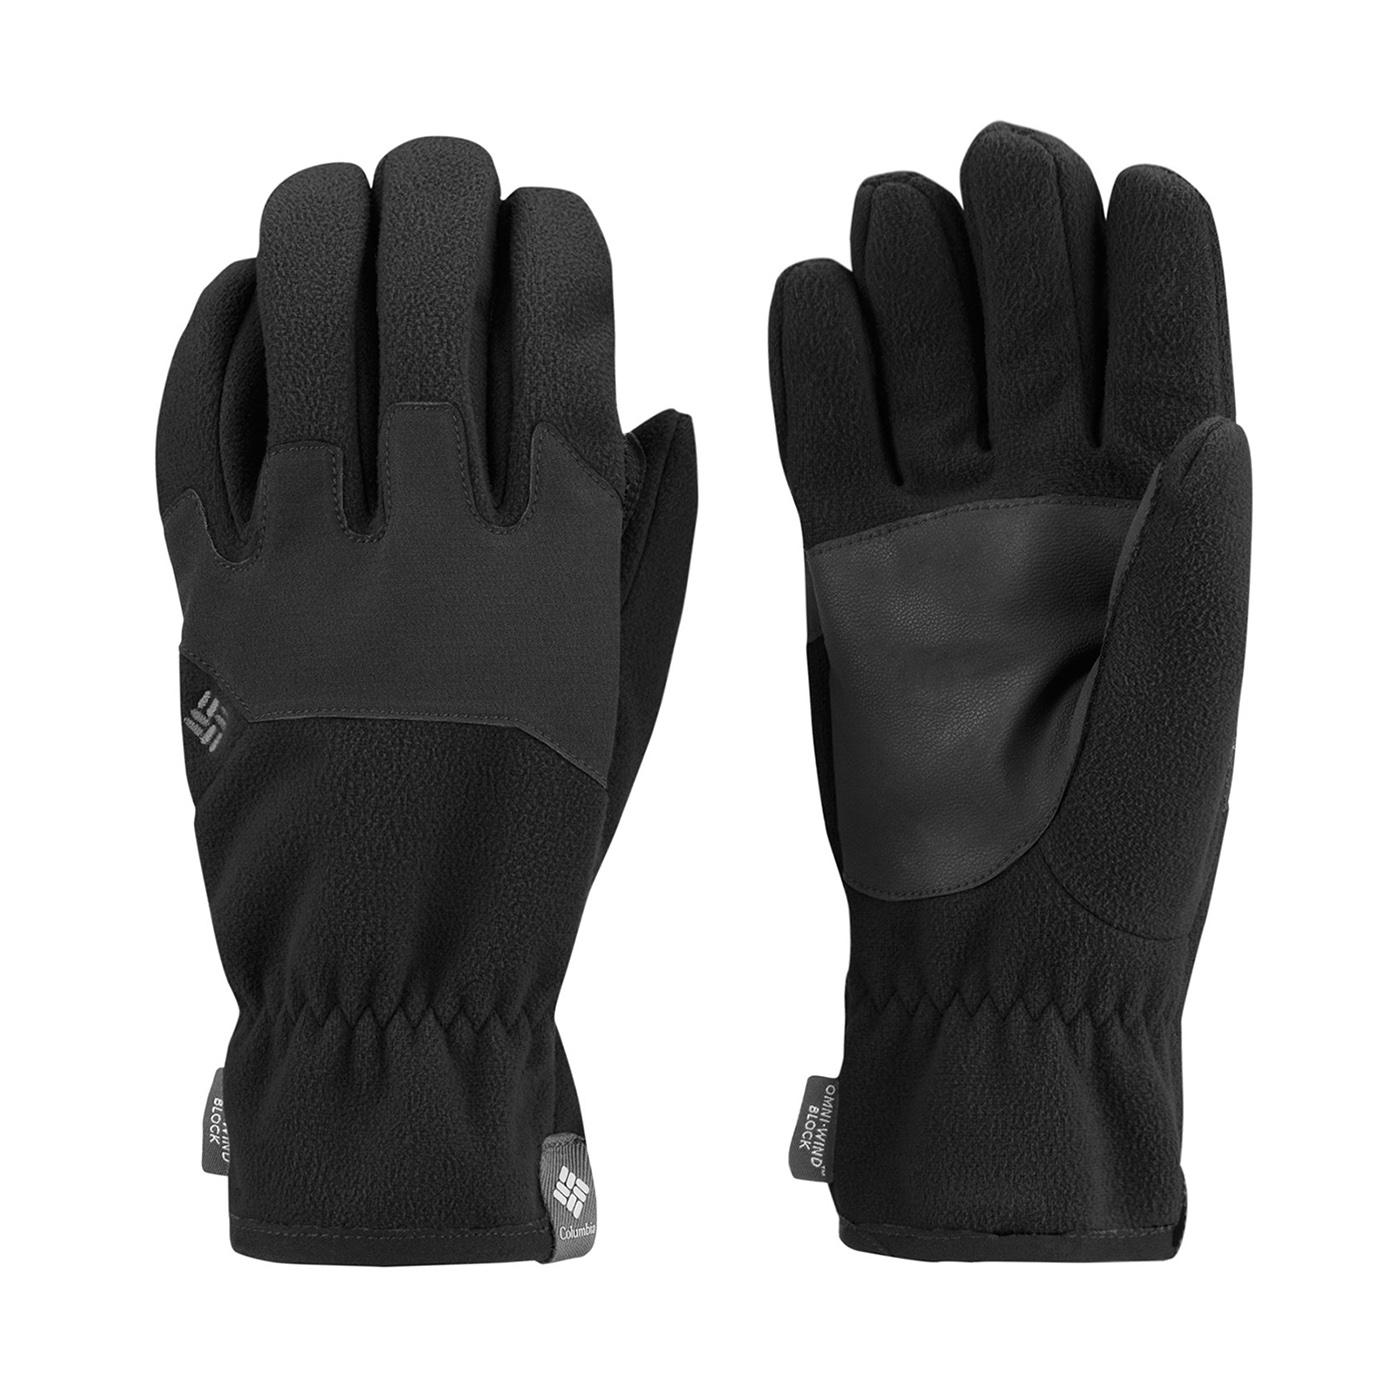 美國百分百【Columbia】手套 配件 防風 透氣 防寒 登山 滑雪 Omni-Heat 發熱 黑色 S號 F851